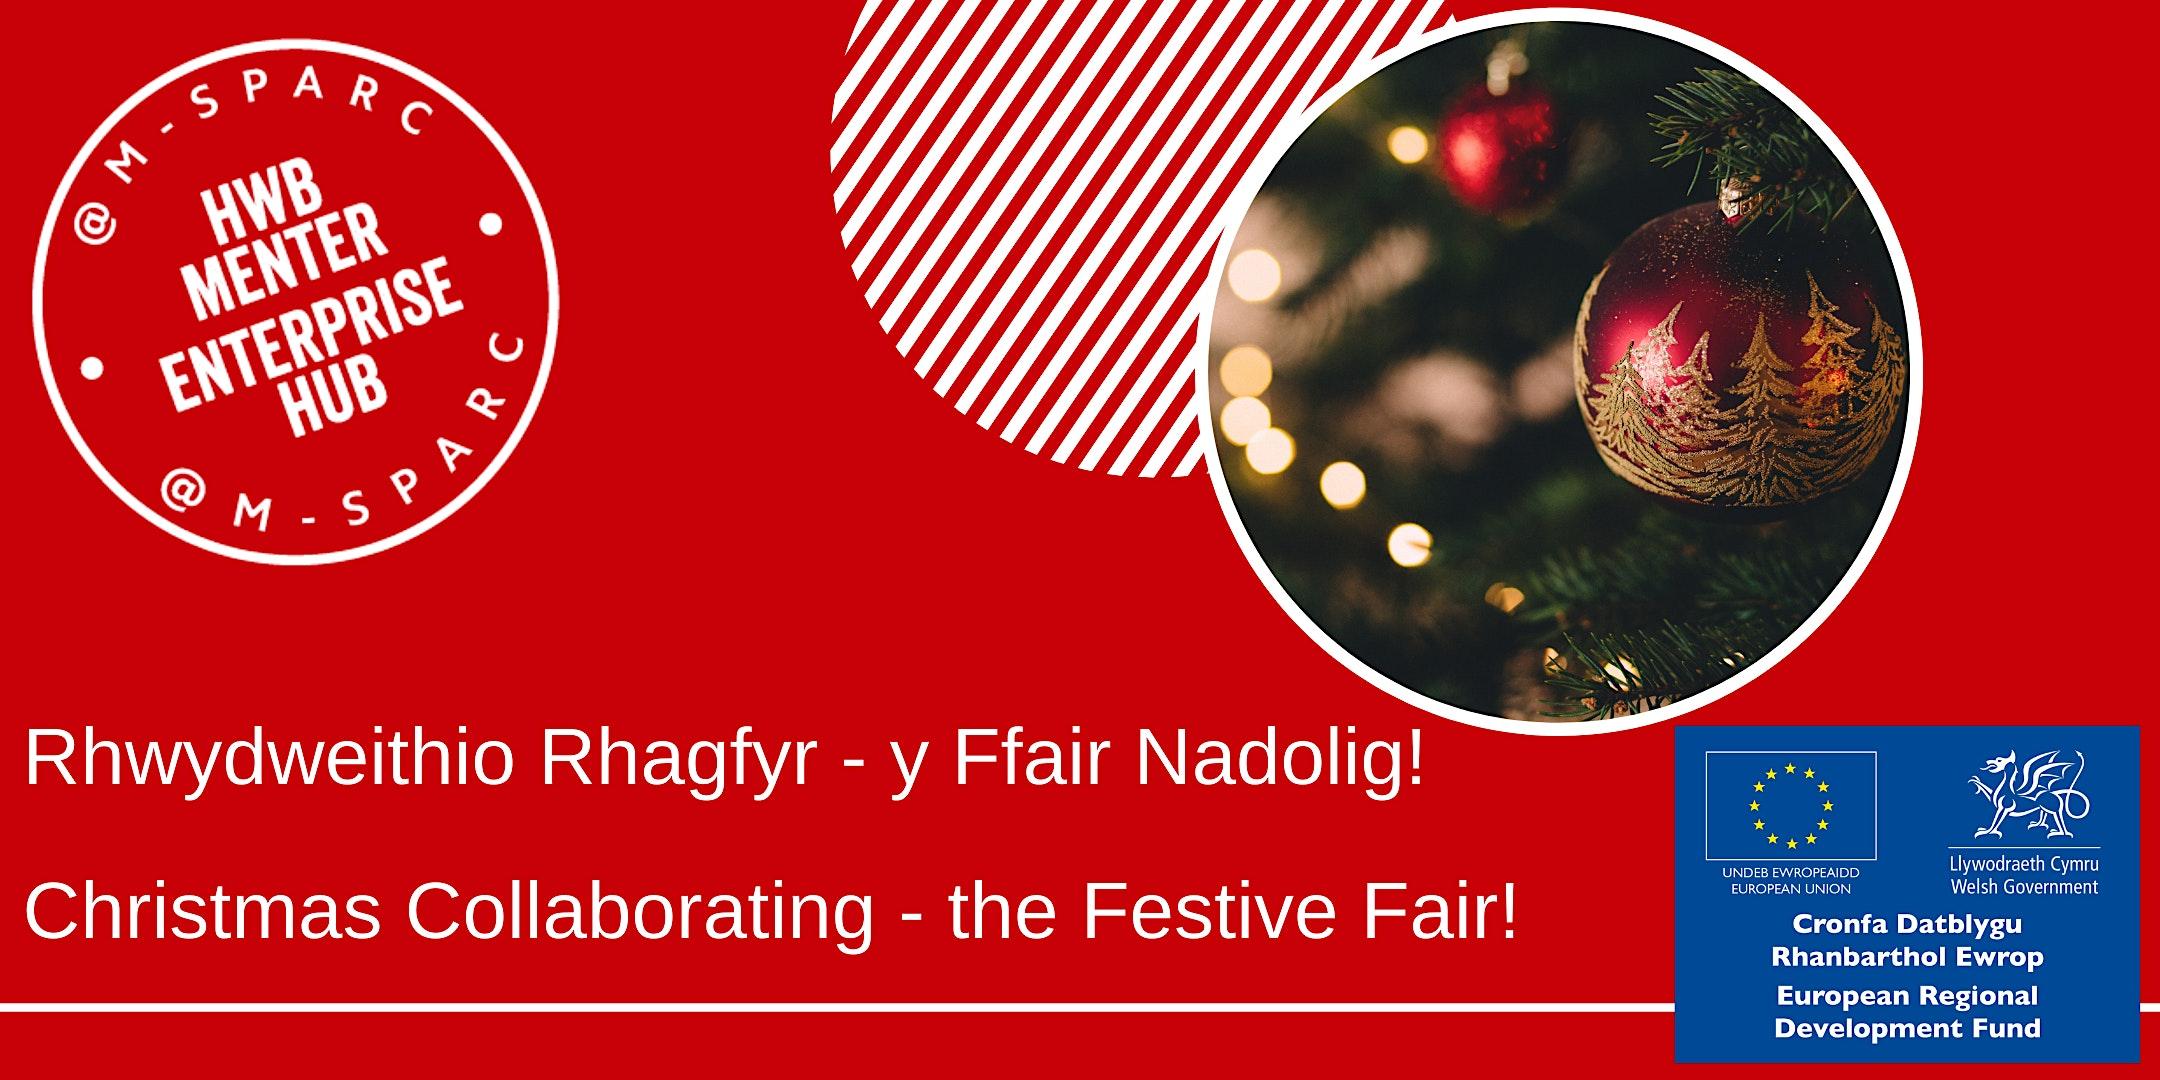 Rhwydweithio Rhagfyr - Christmas Collaboration